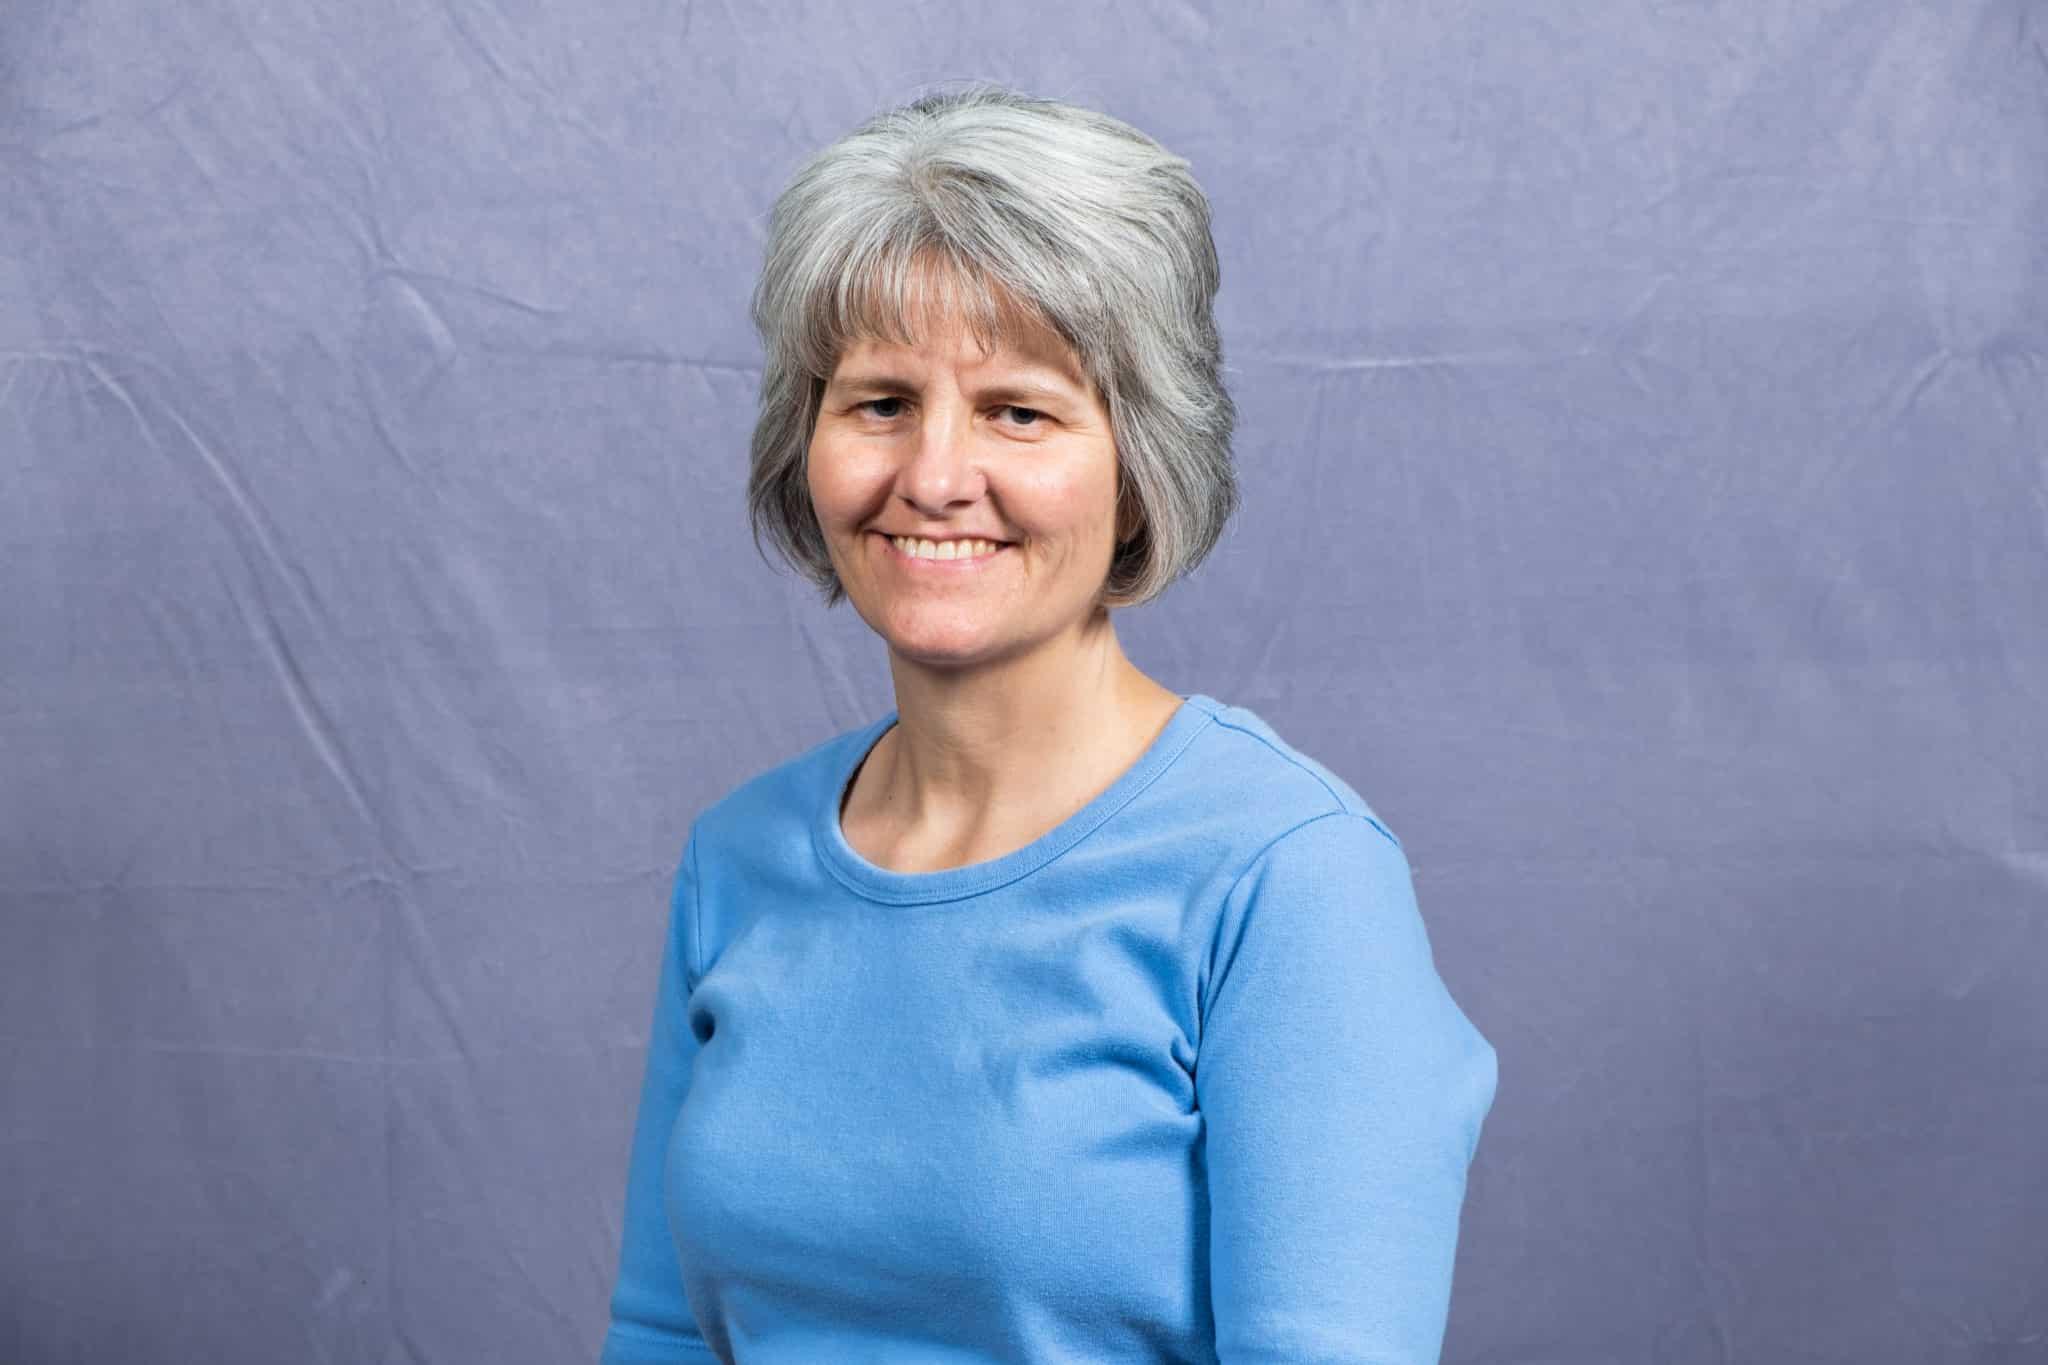 Laura Krum